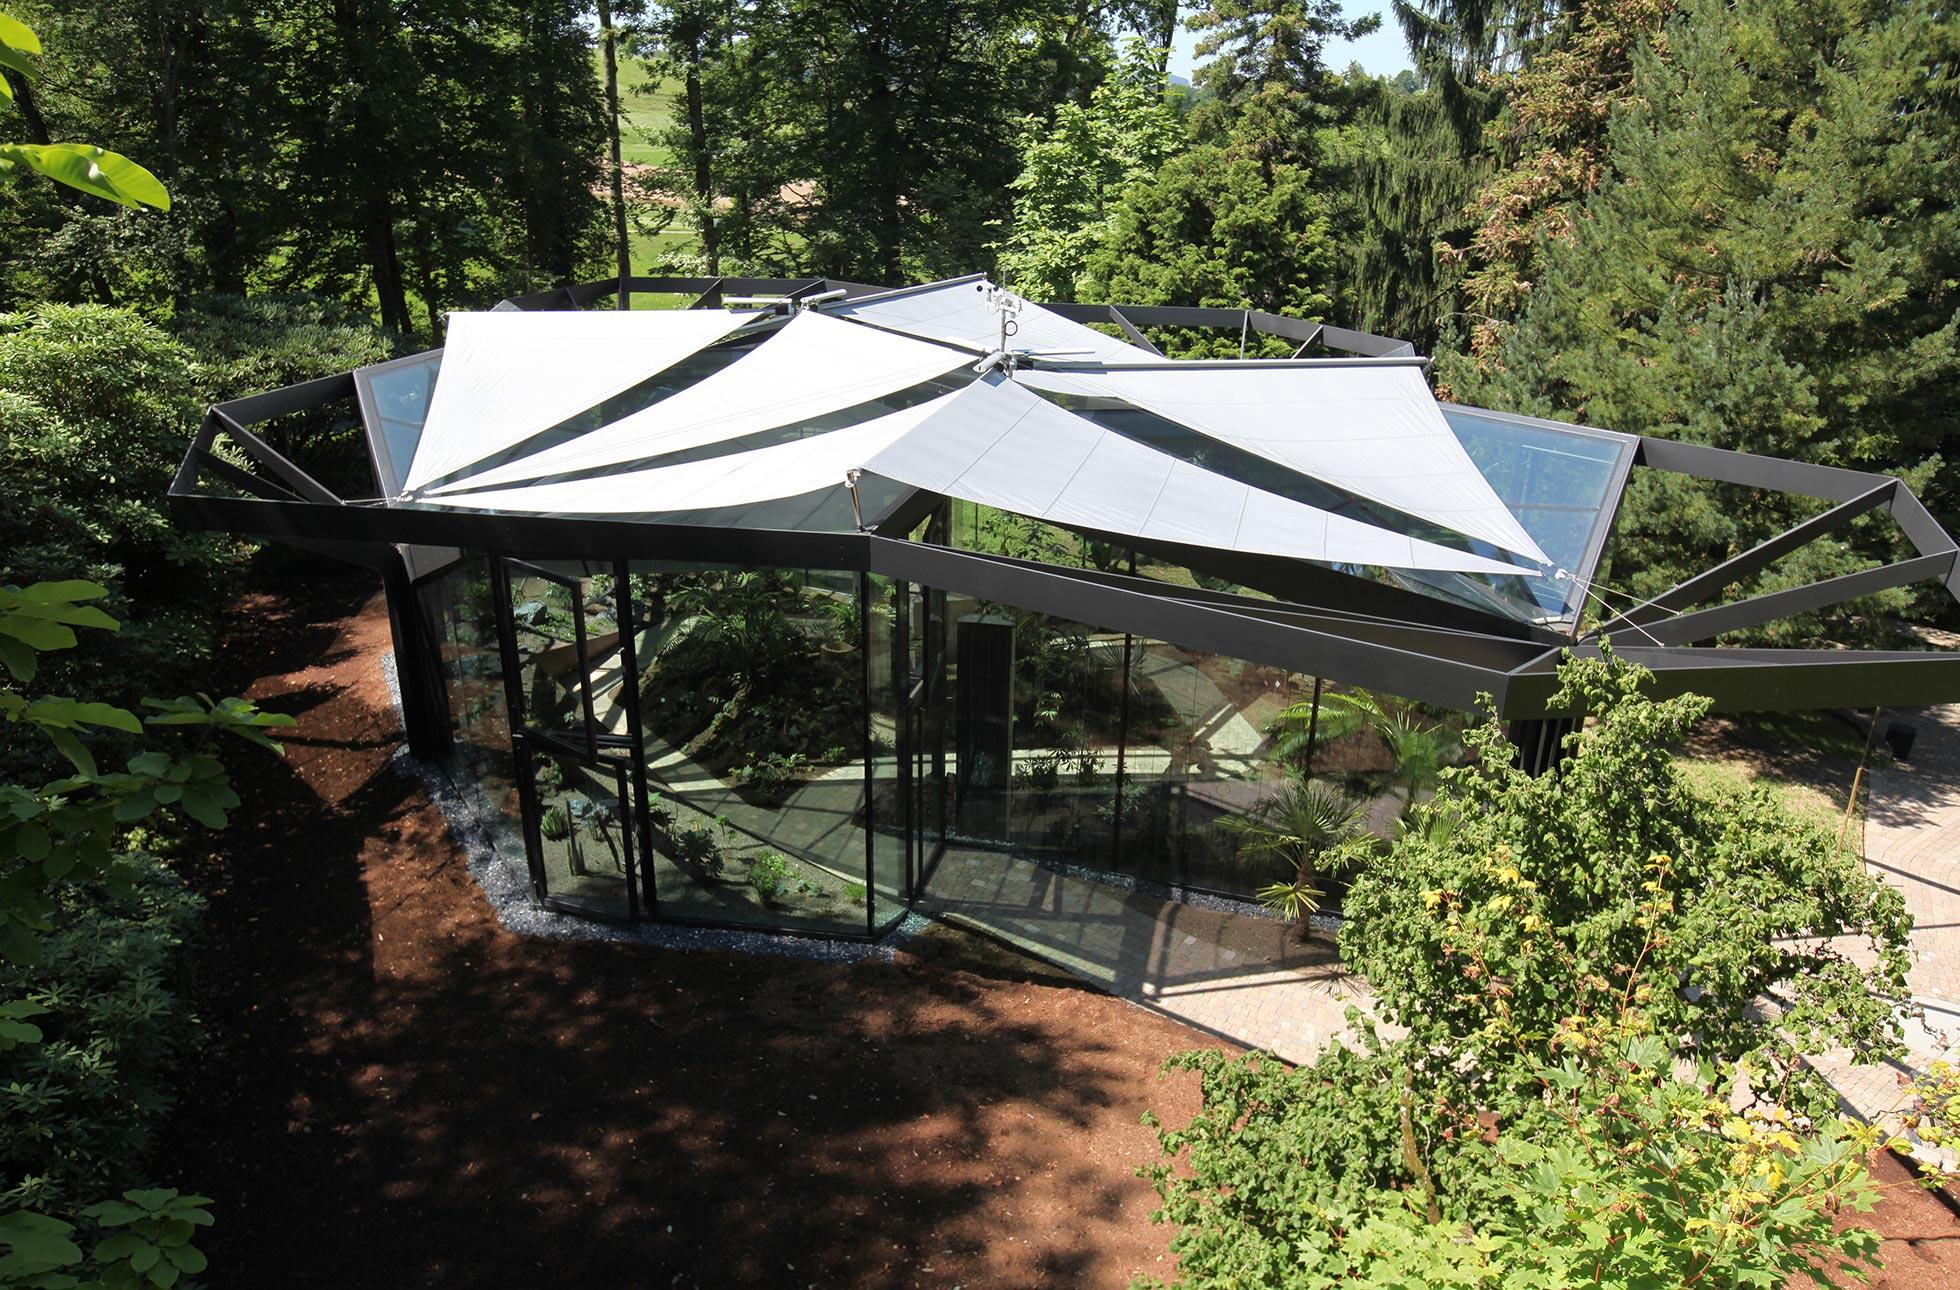 sonnensegel in edlem design f r terrasse und garten. Black Bedroom Furniture Sets. Home Design Ideas